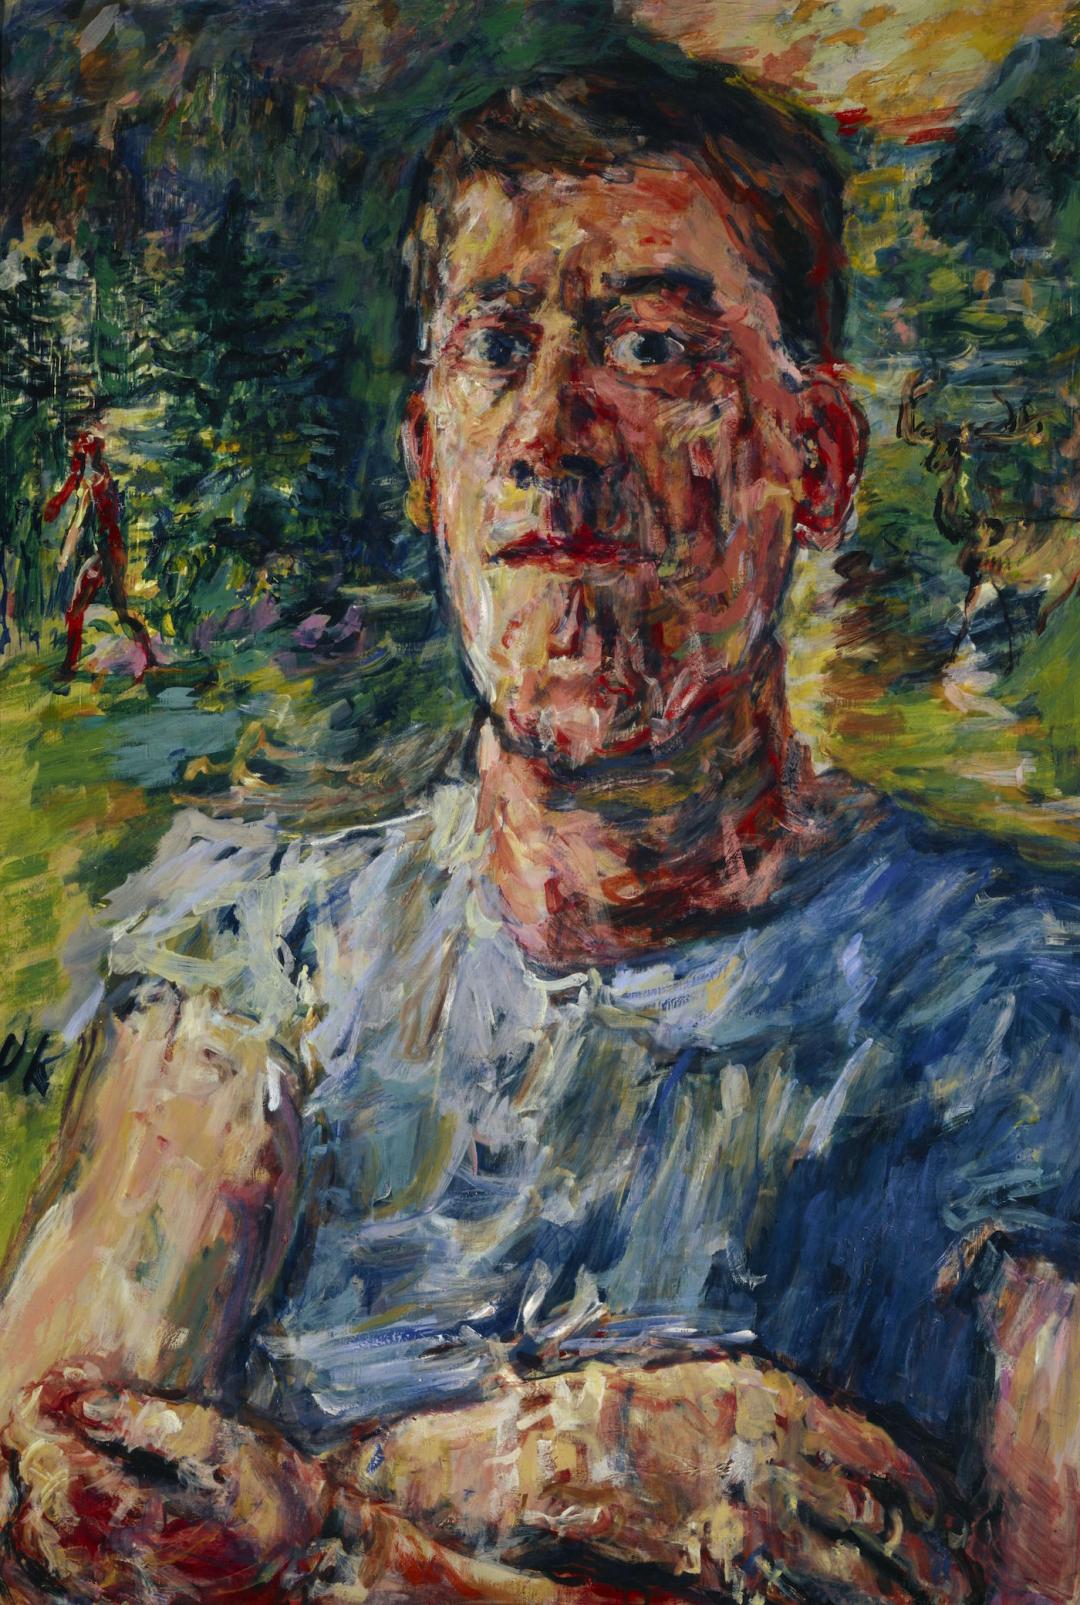 Oskar Kokoschka, Autoportret jako artysta zdegenerowany / Self-portrait as Degenerate Artist, 1937